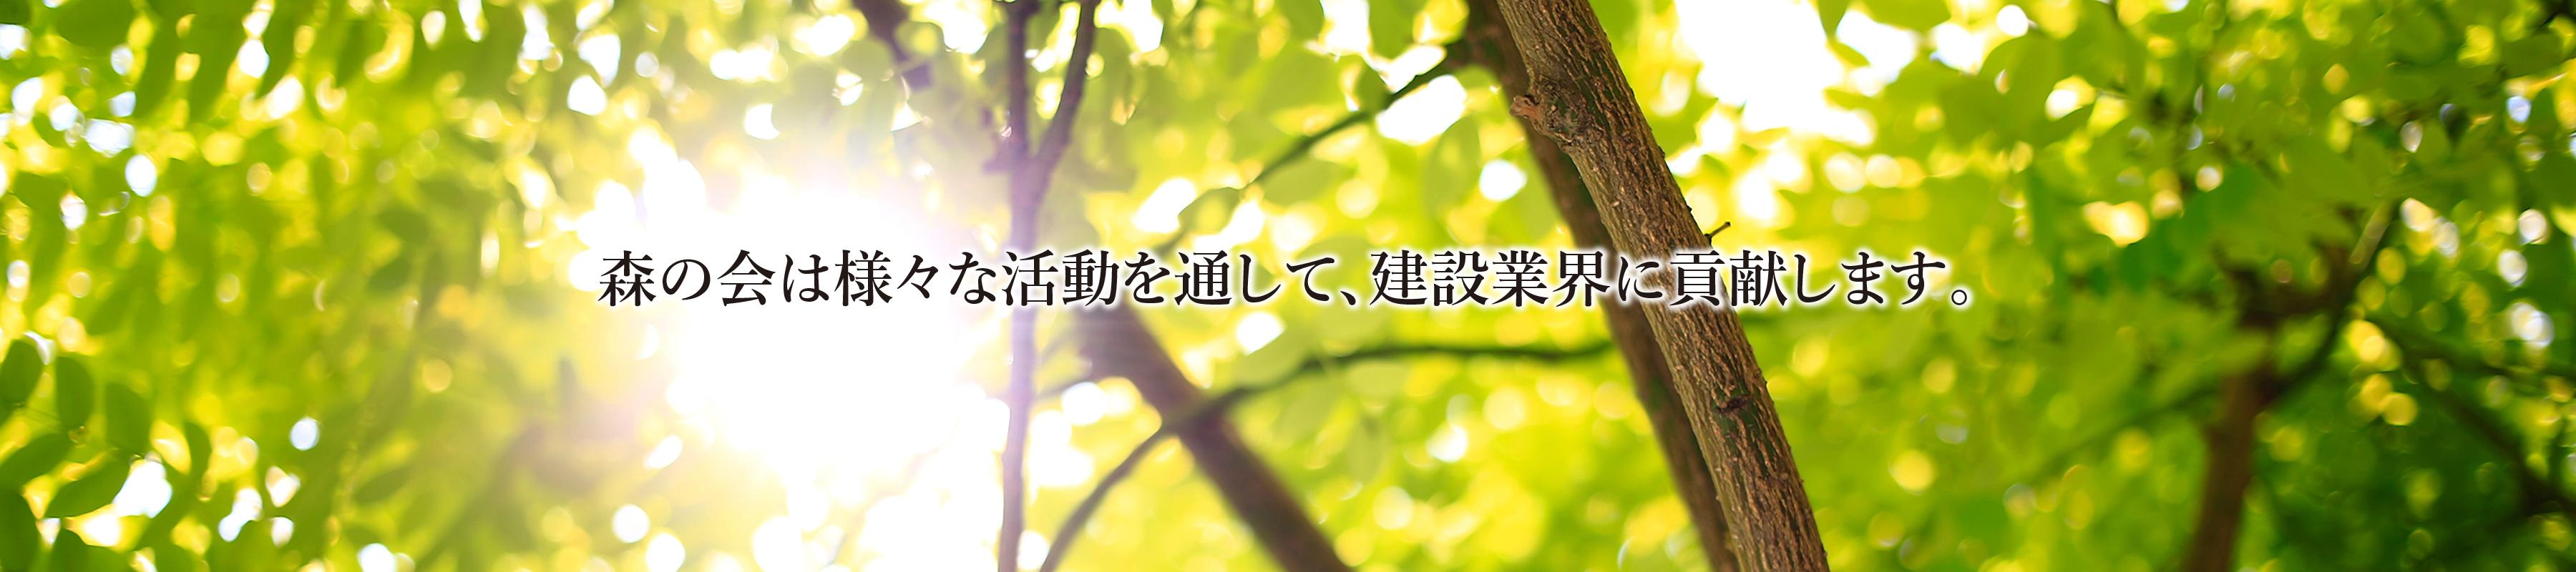 森の会 M TECH WORKS